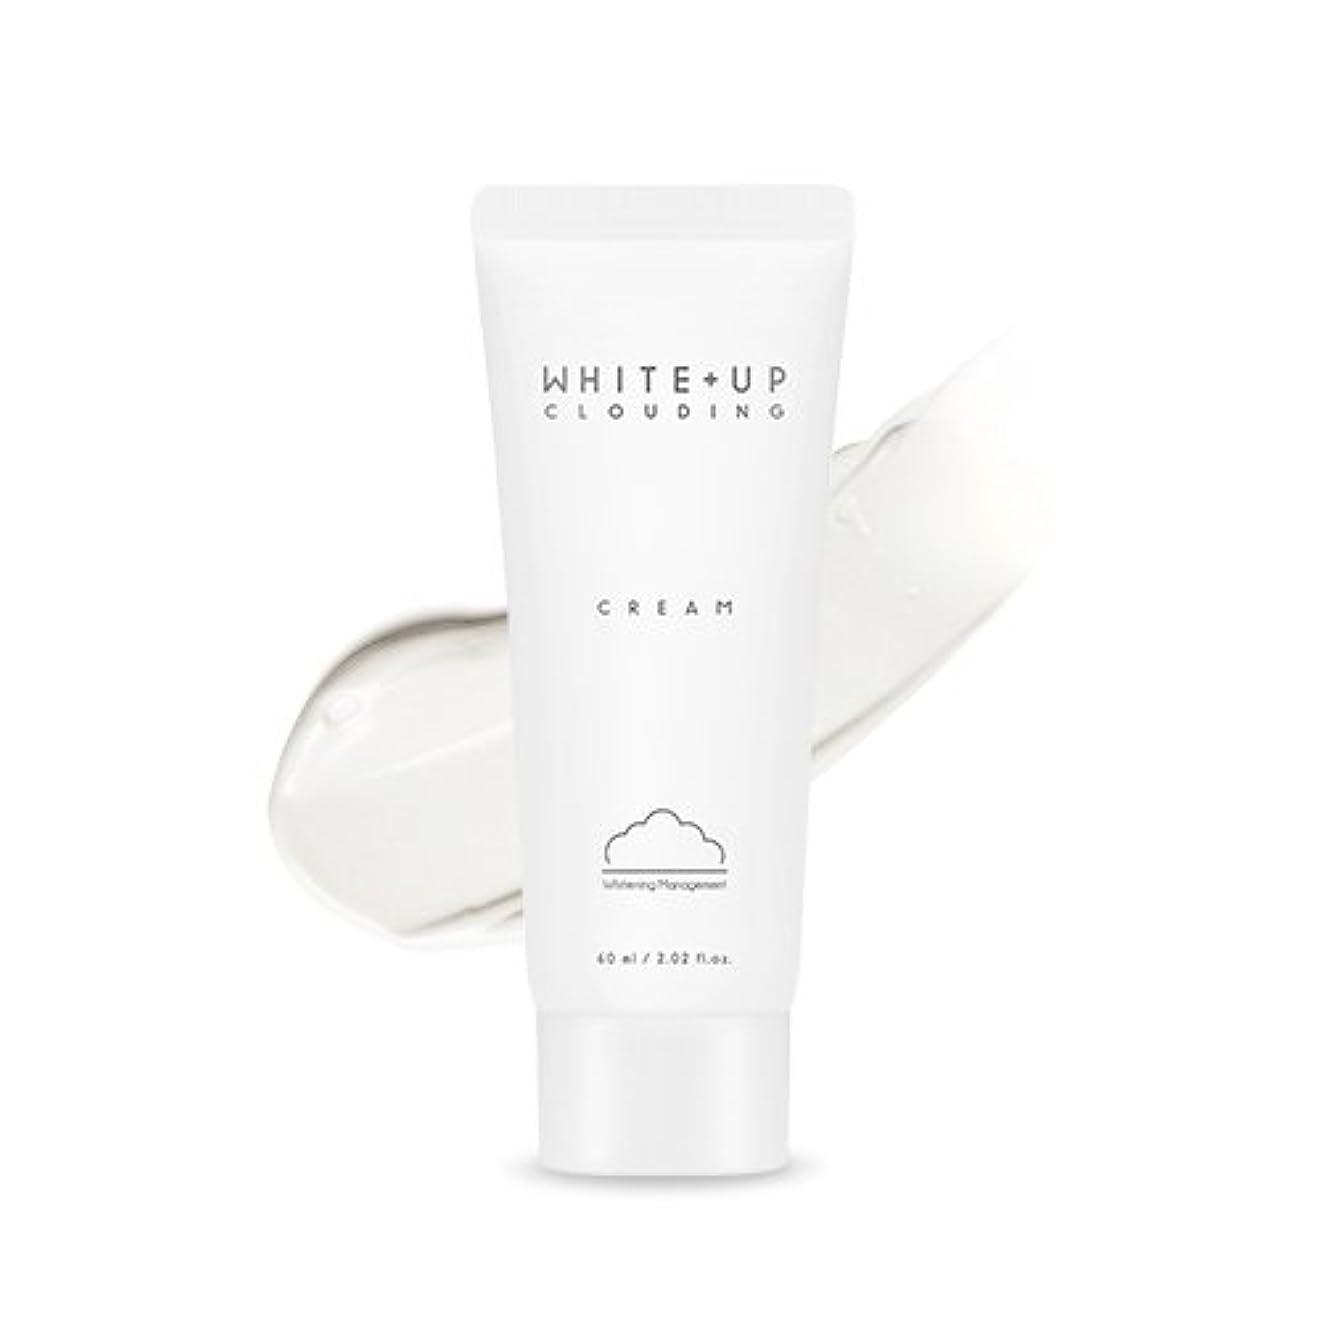 常習的威信殺すAPIEU (WHITE+UP) Clouding Cream/アピュ ホワイトアップクラウドディングクリーム 60ml [並行輸入品]